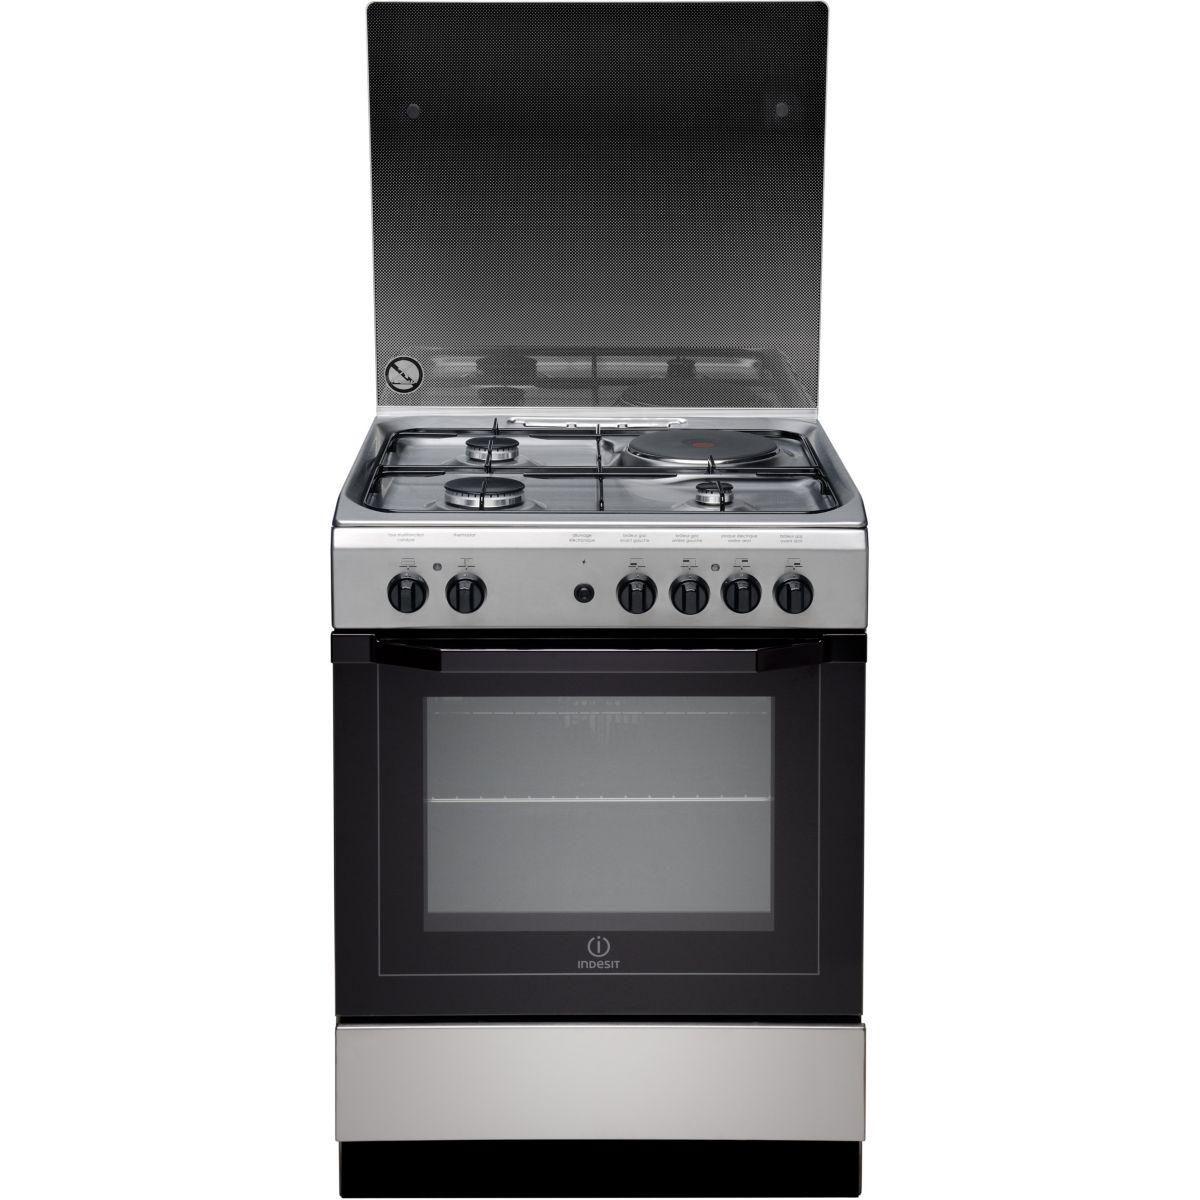 cuisiniere au gaz d'occasion | cuisiniere electrique grise